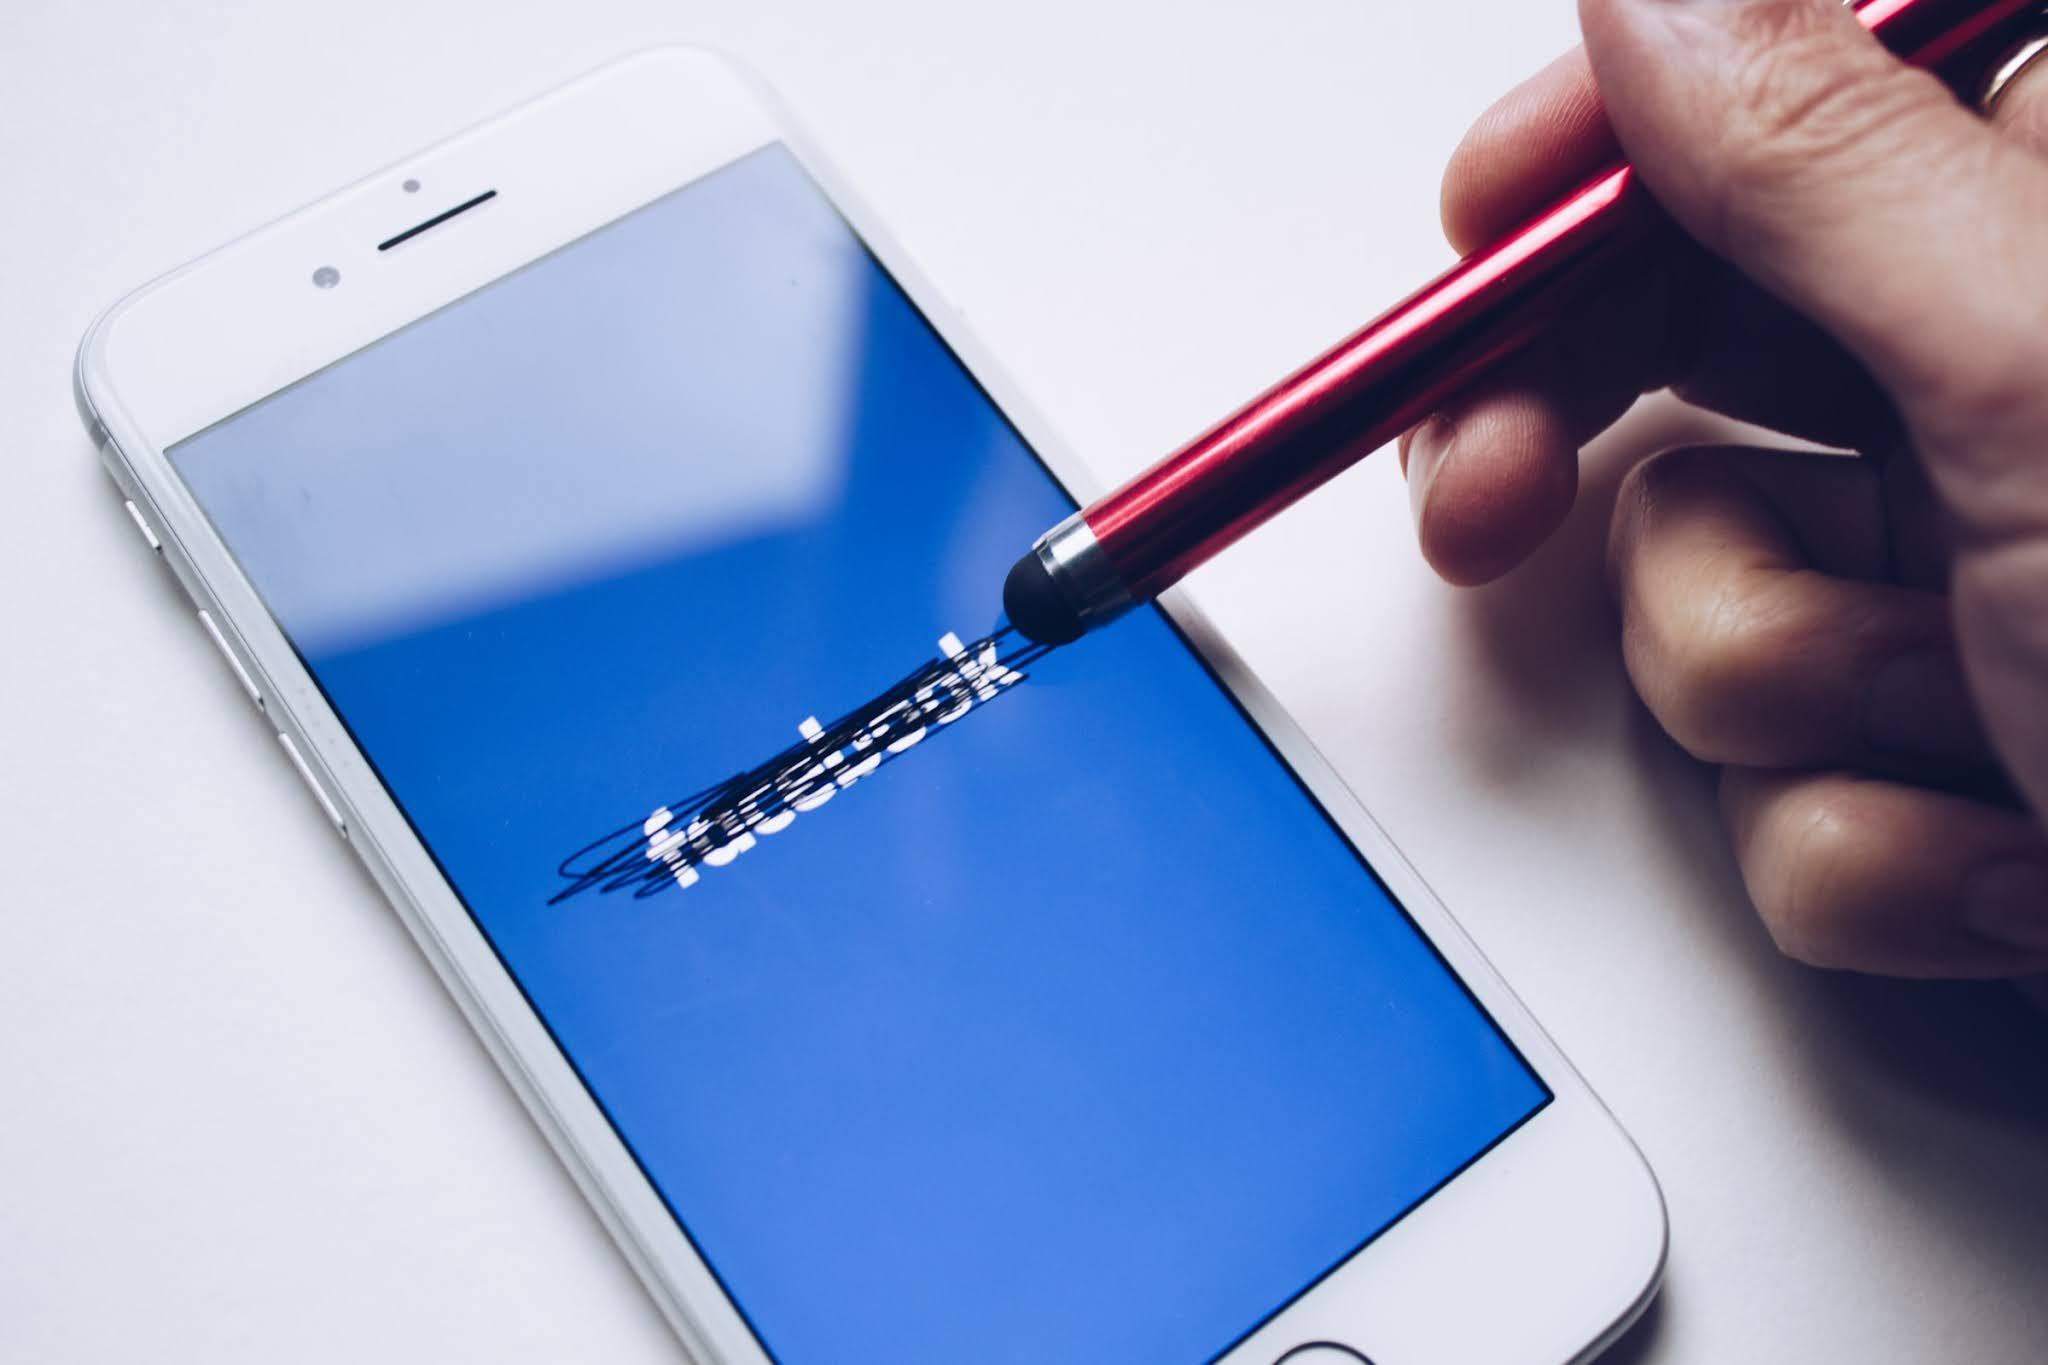 تقلص ثروة مارك زوكربيرغ بعد تعطل فيسبوك Facebook وخسائر بالمليارات